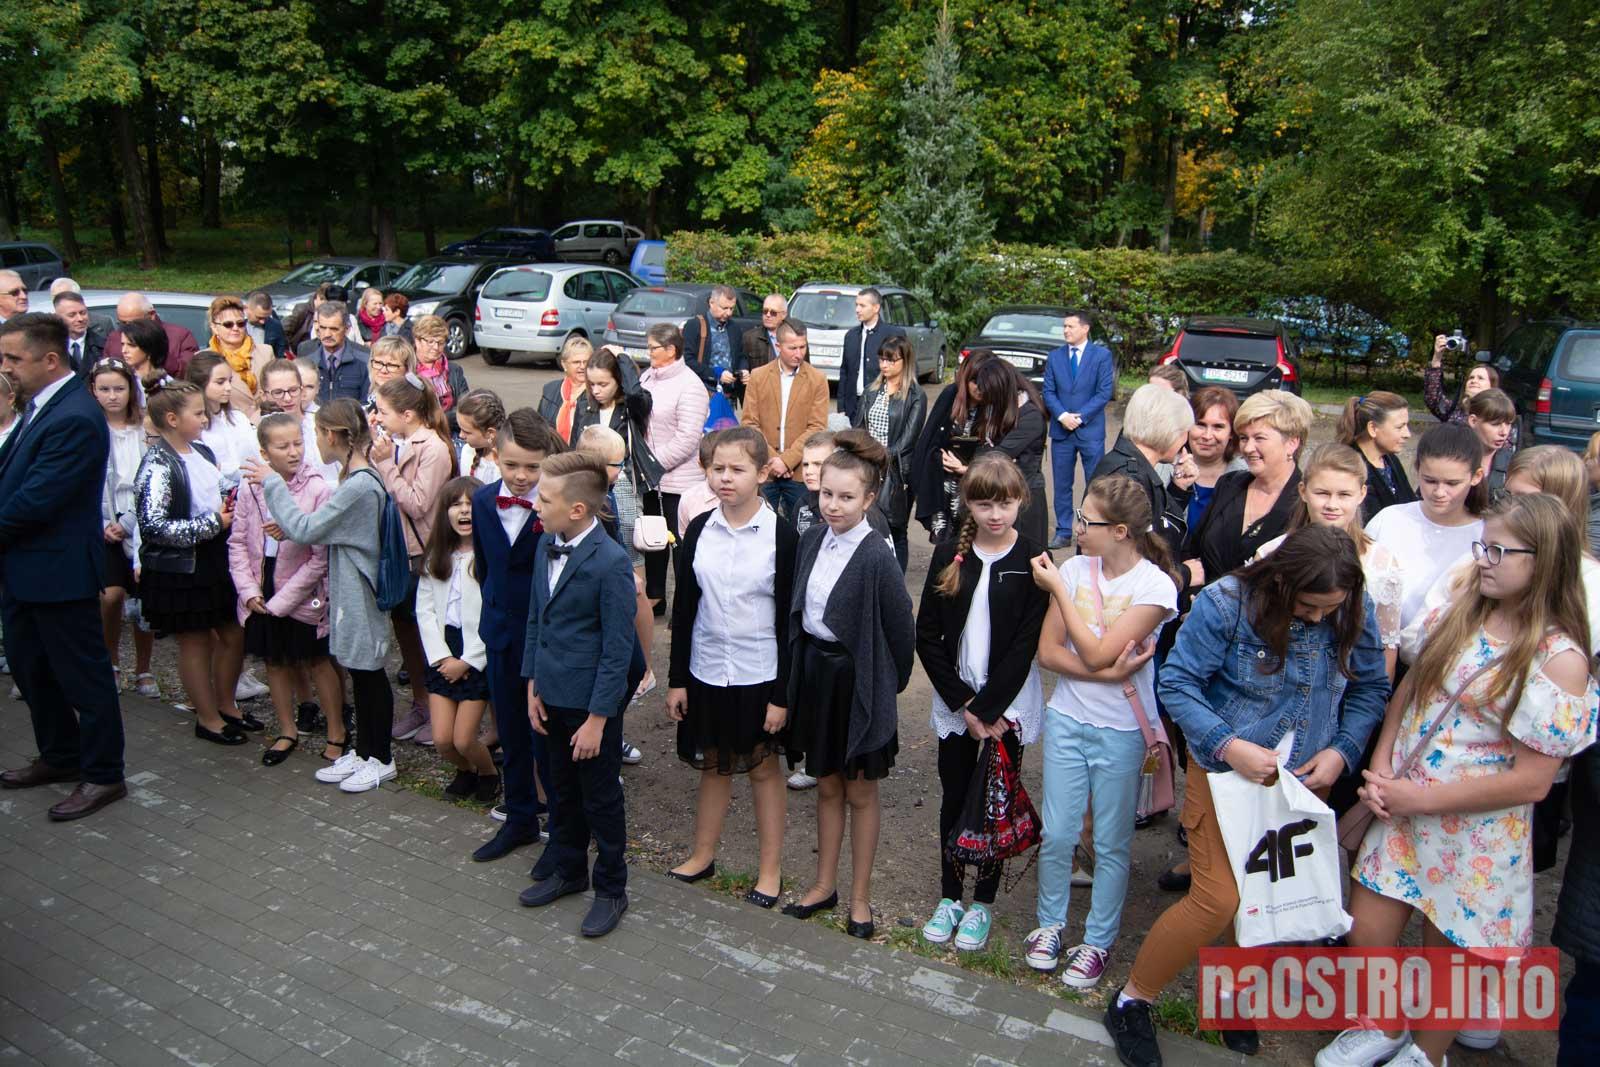 NaOSTRO Otwarcie Szkoły w Bałtowie-101